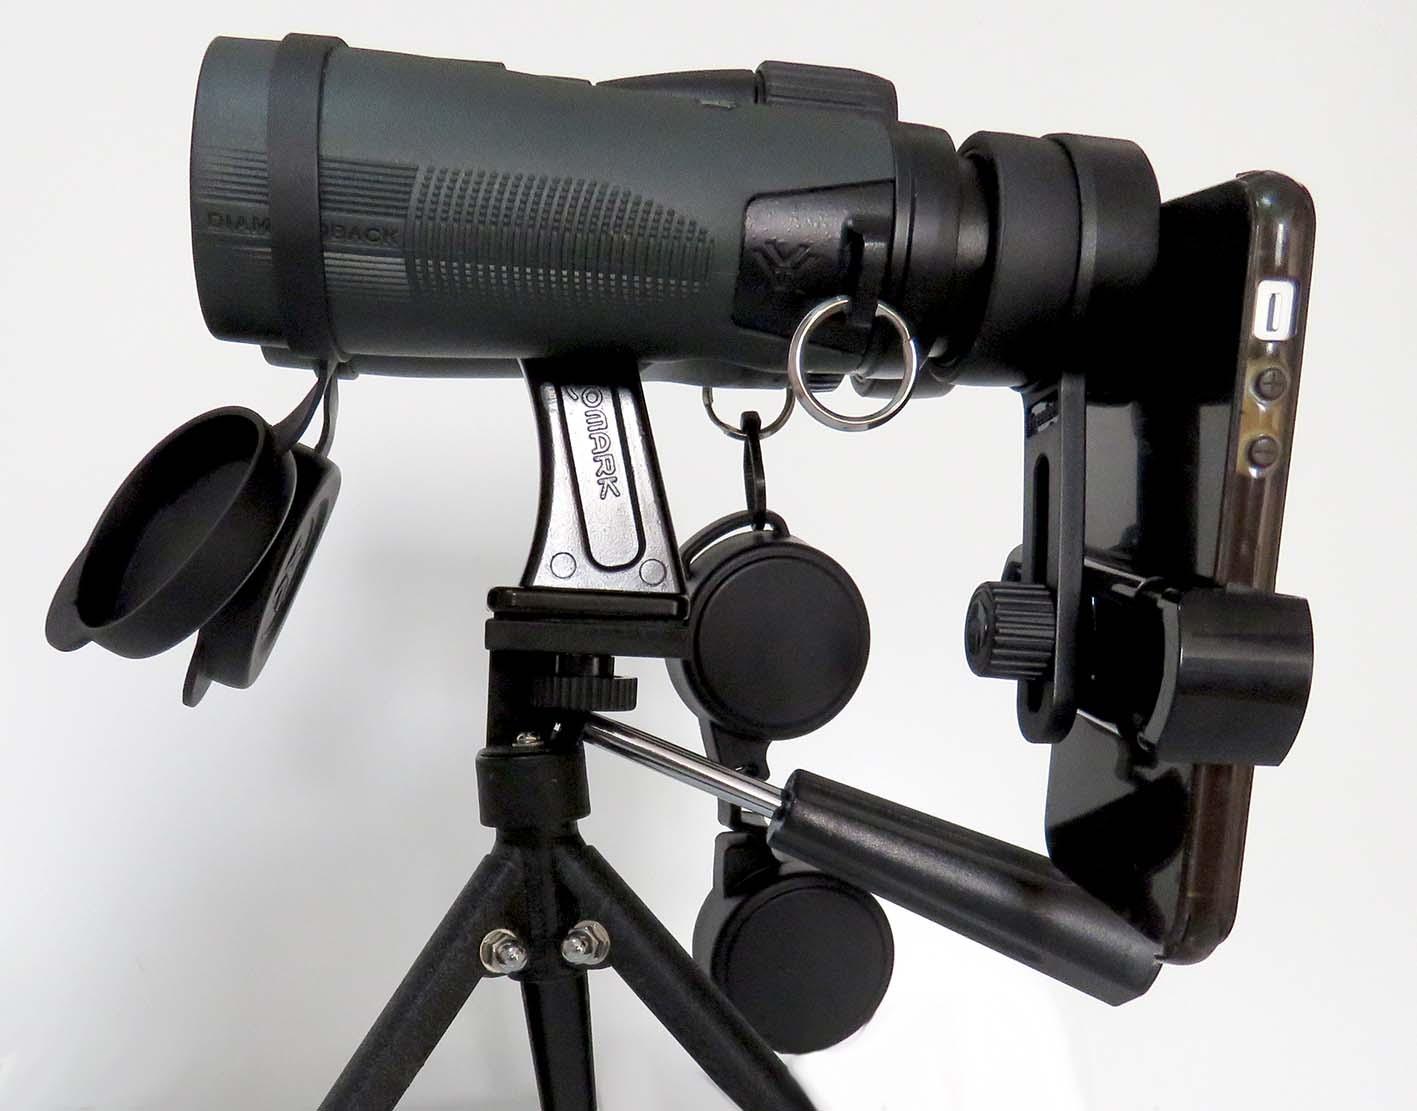 Um kit de adaptadores para celular que permite associar binóculos e tripés, excelente para fotografia criativa. Disponível na Maritaca Store.